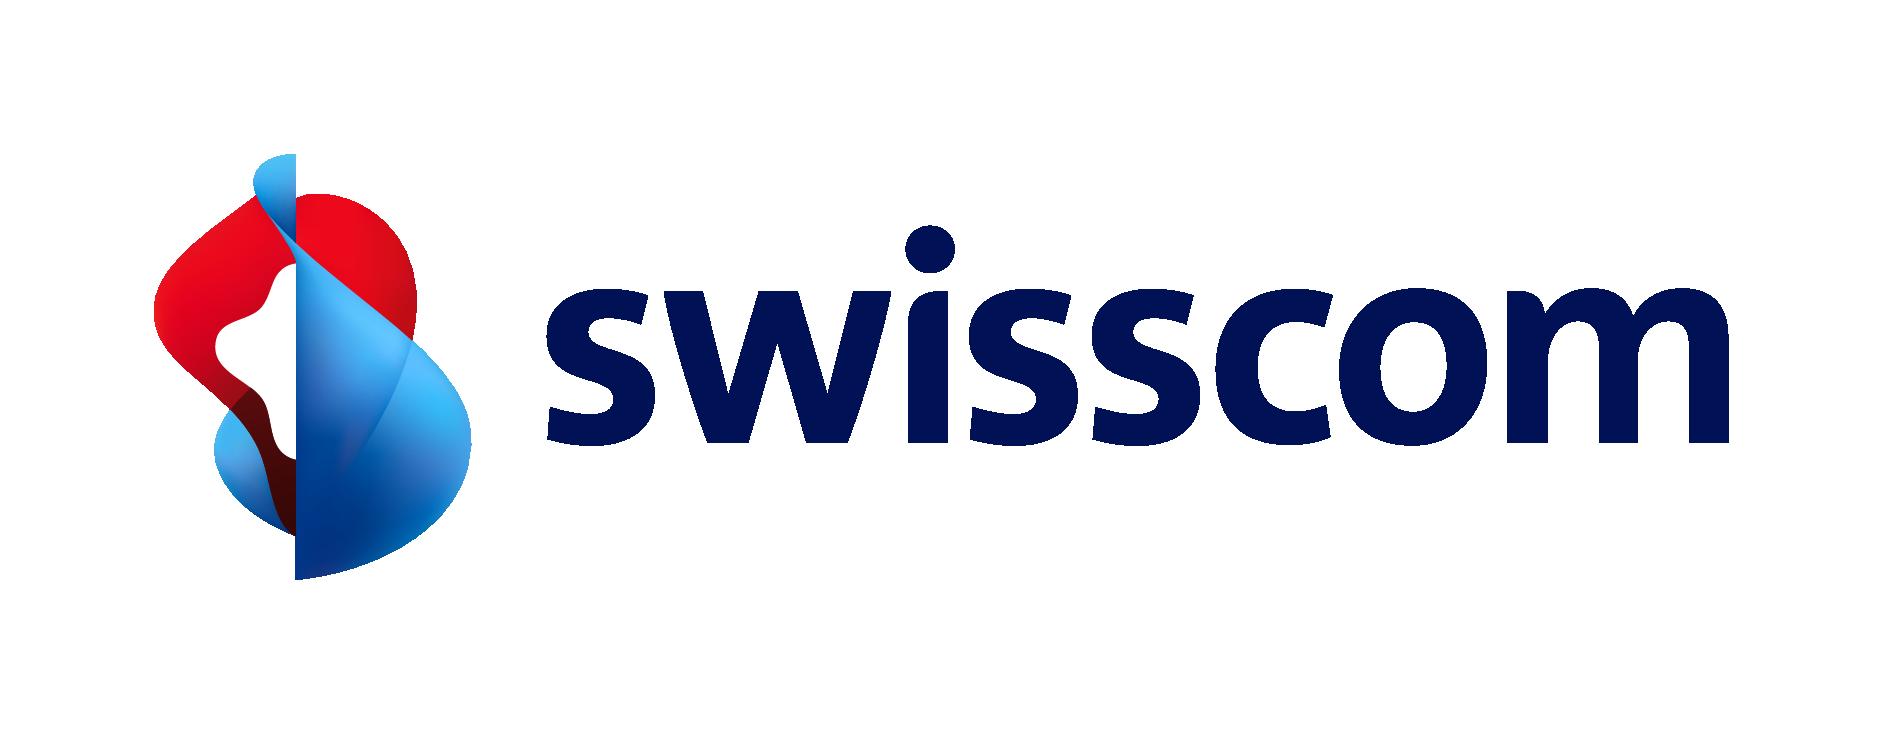 Swisscom AG logo